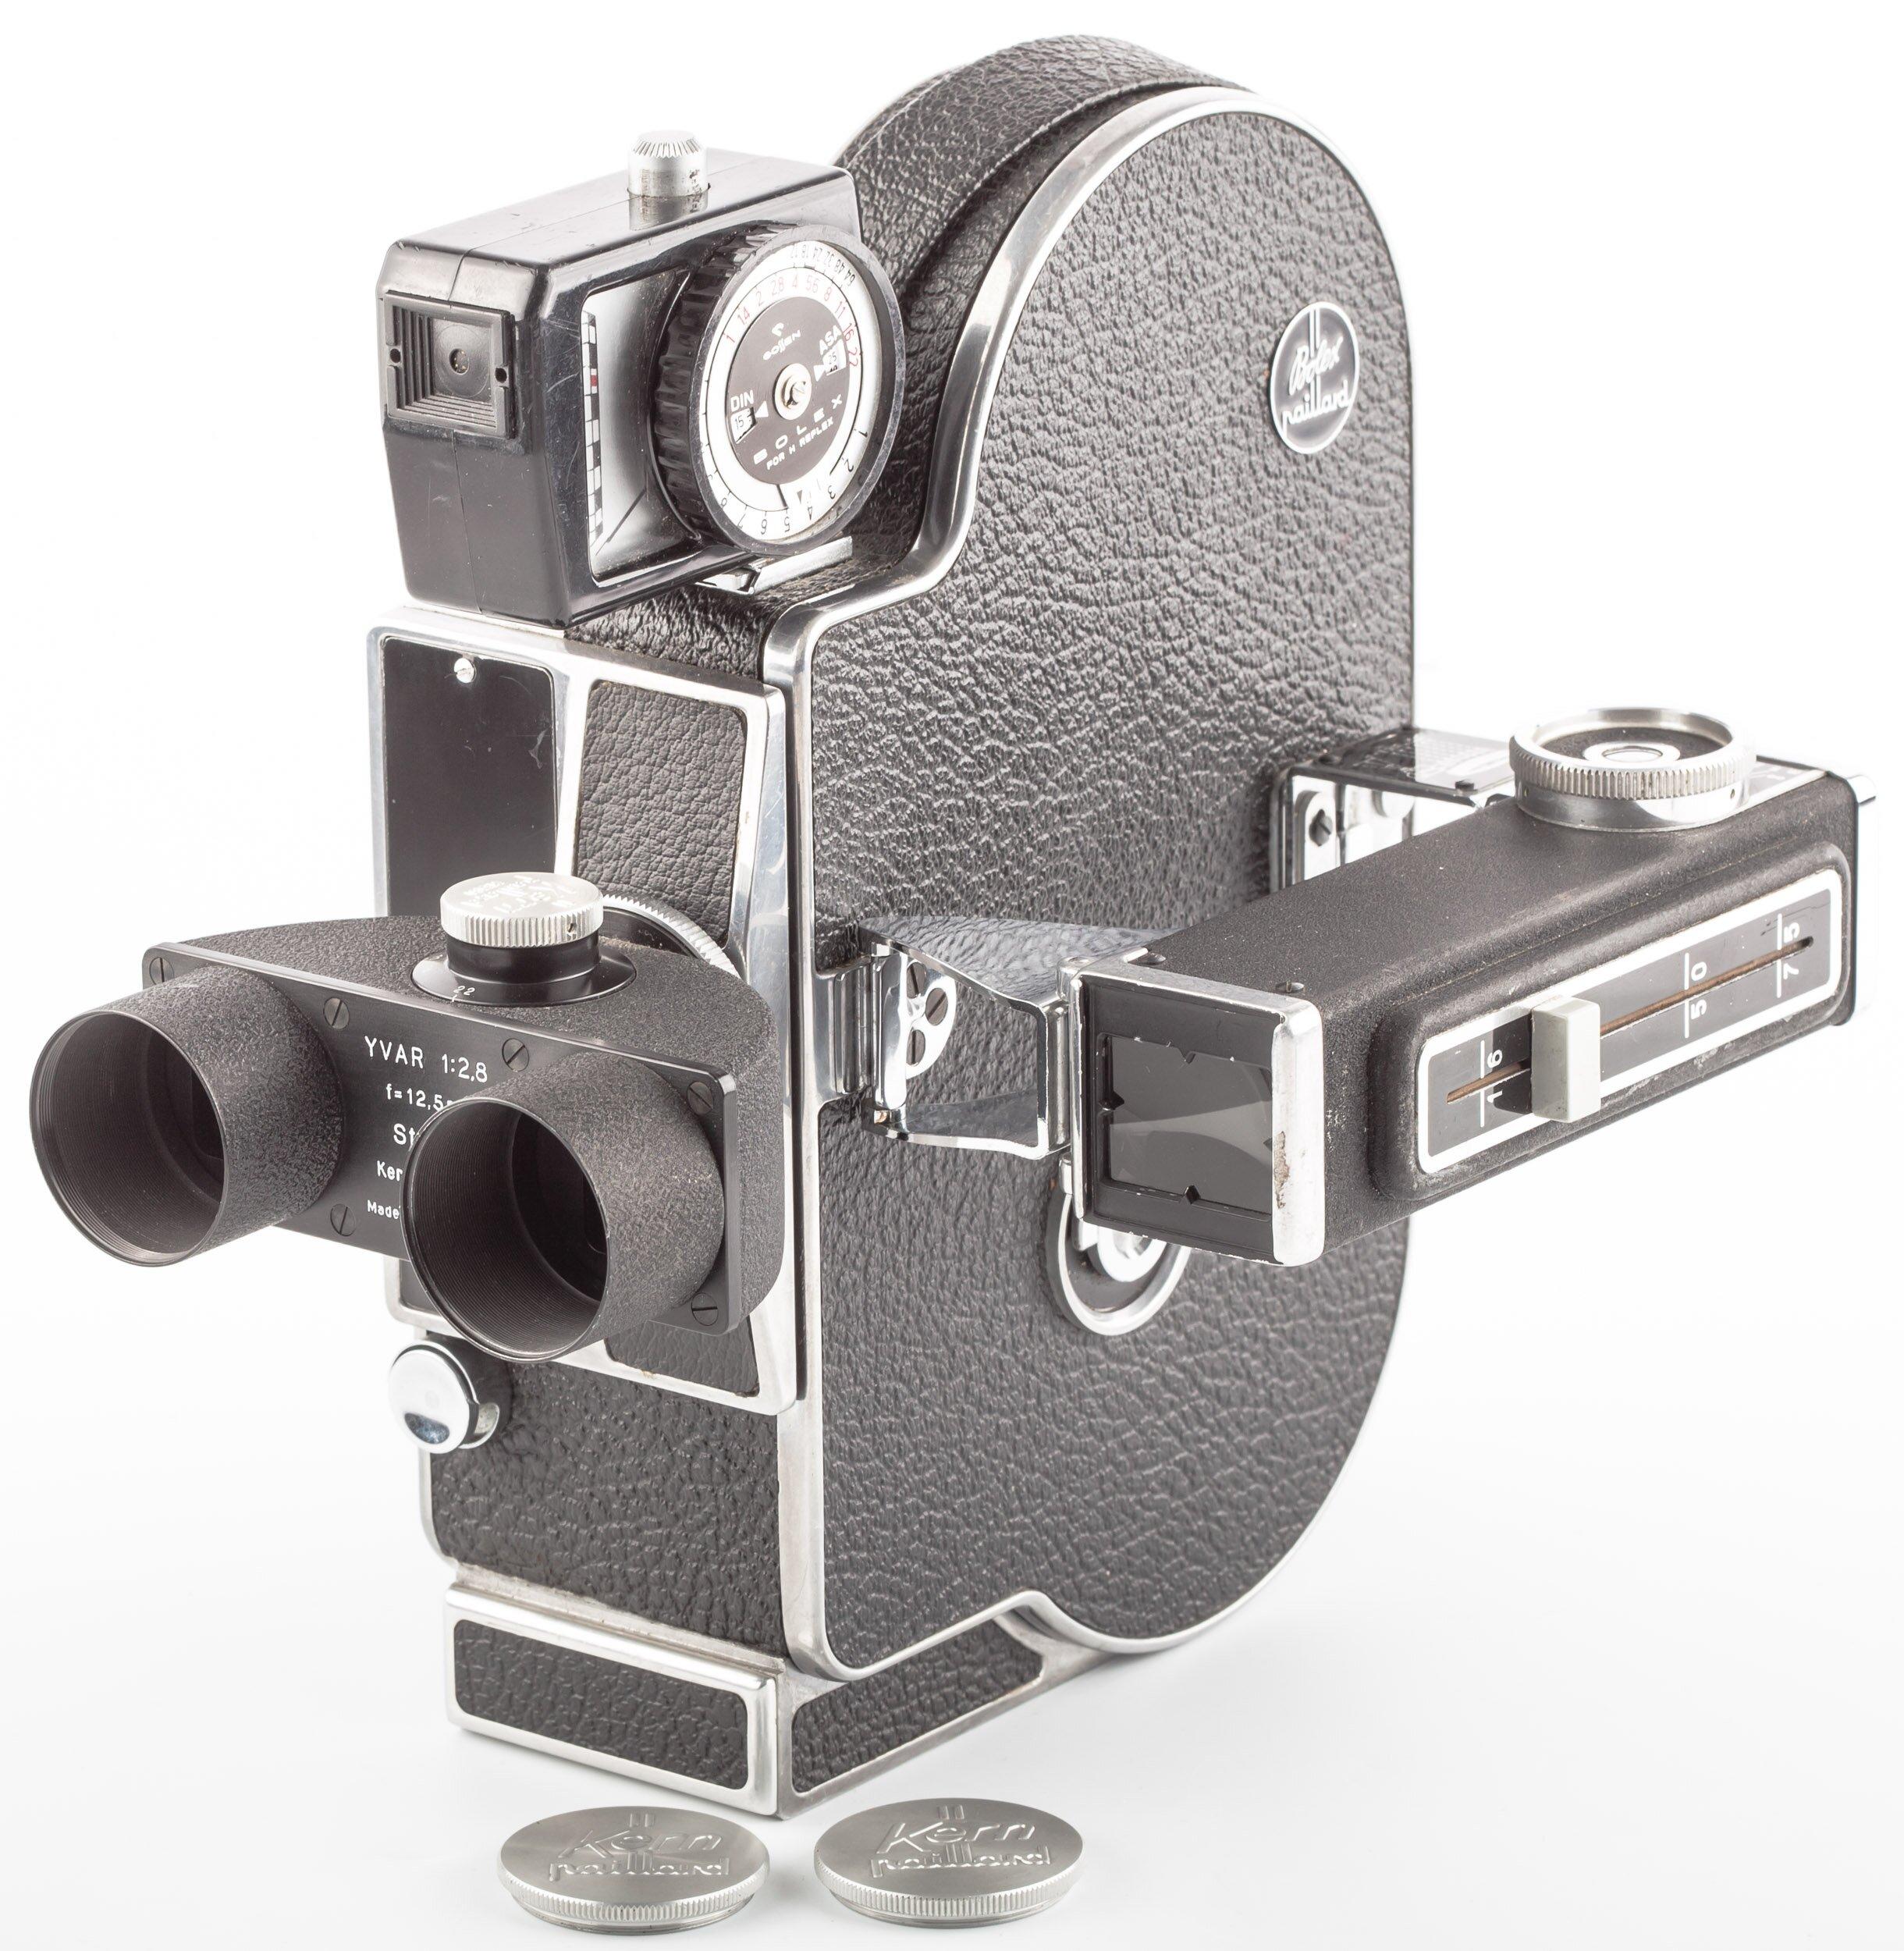 Bolex H16 M-4 mit Kern Stereo-Yvar 2,8/12,5 mm, Bolex Belichtungsmesser